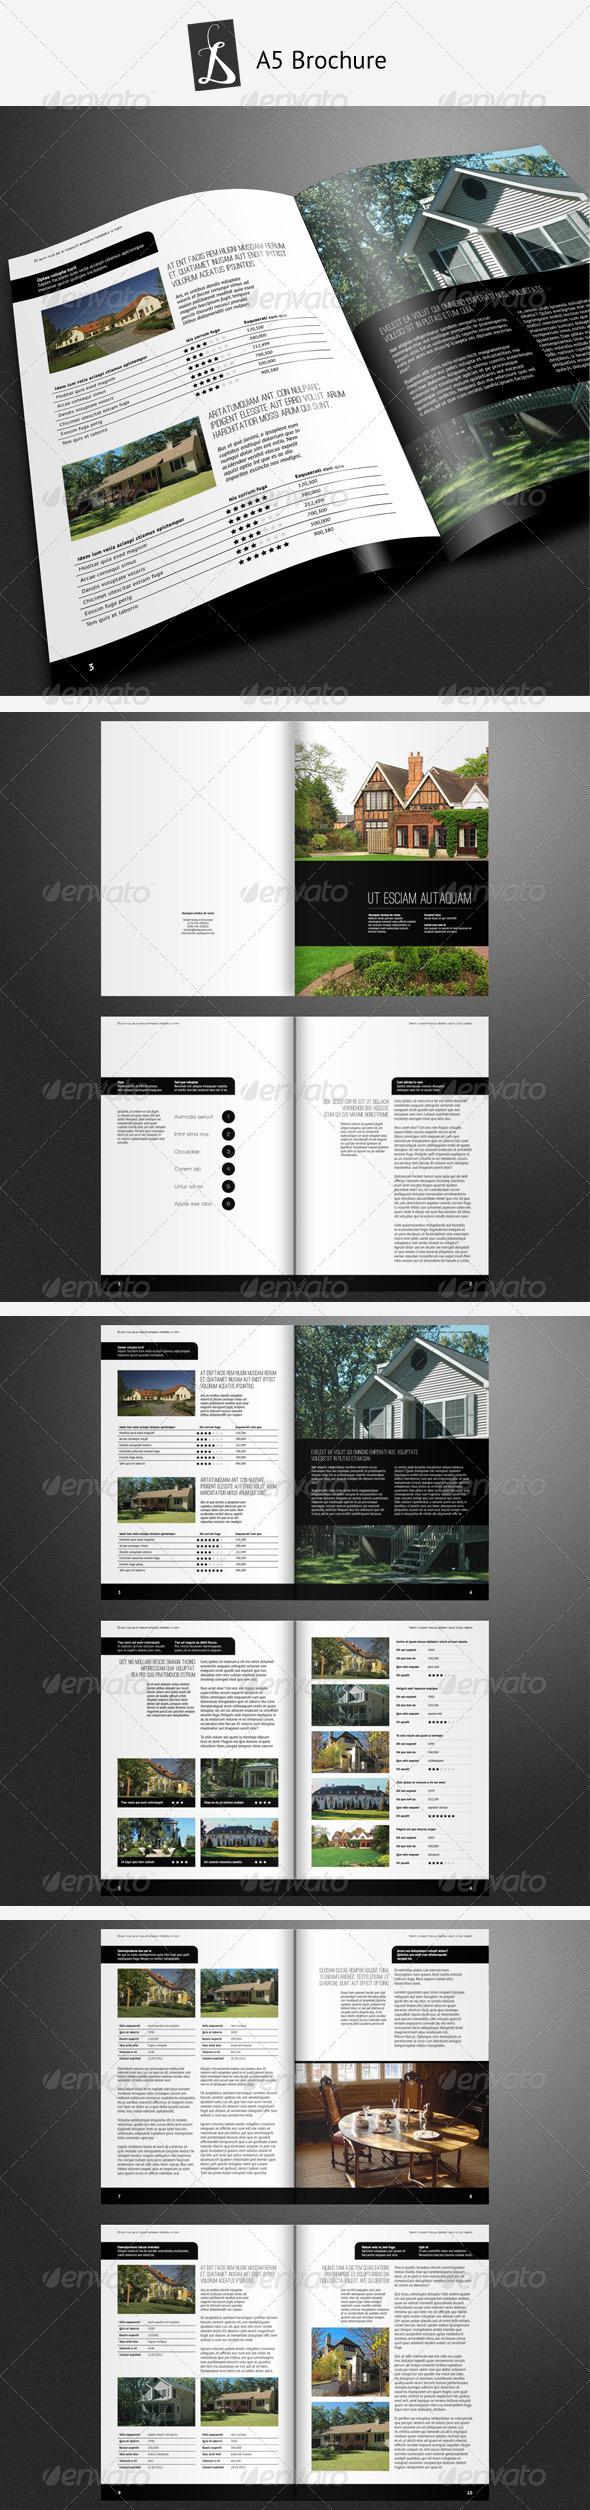 GraphicRiver Real Estate Brochure 2 1326855